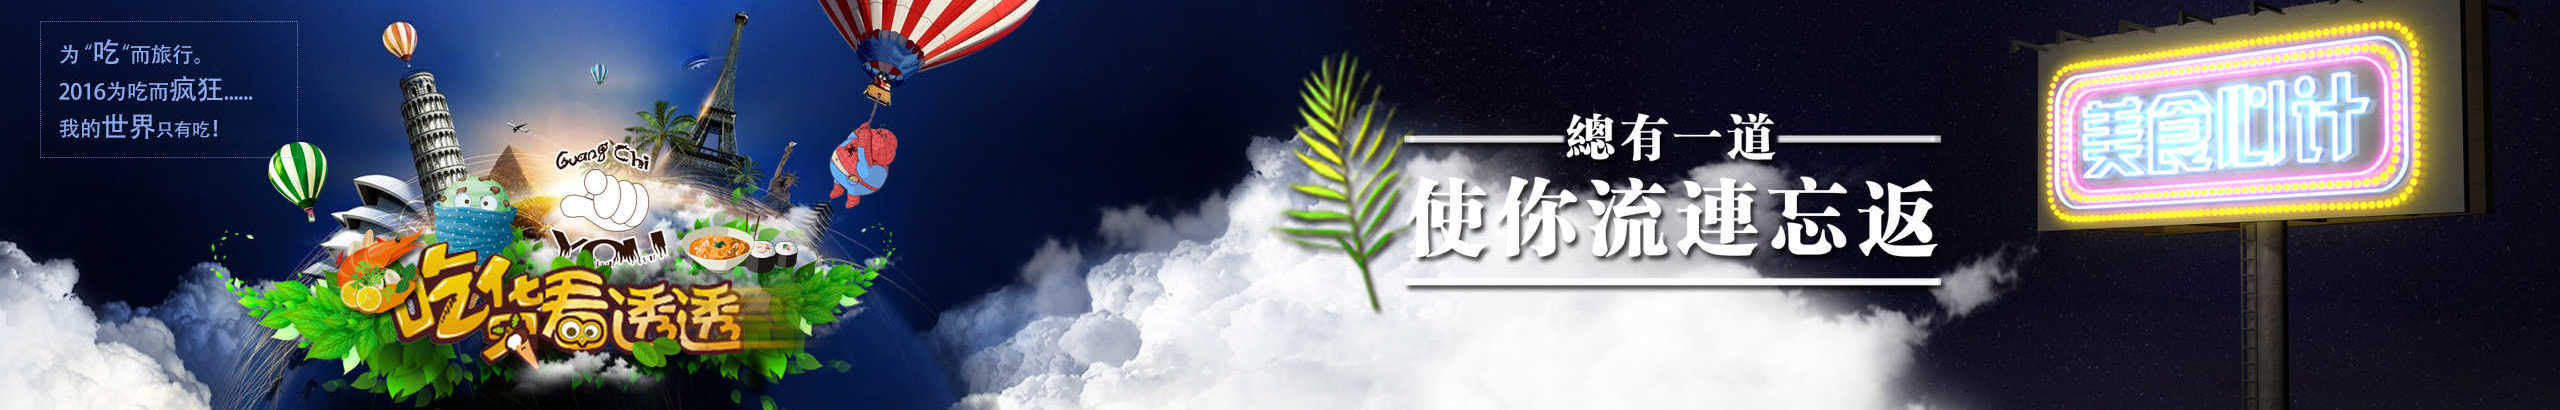 美食心计 banner